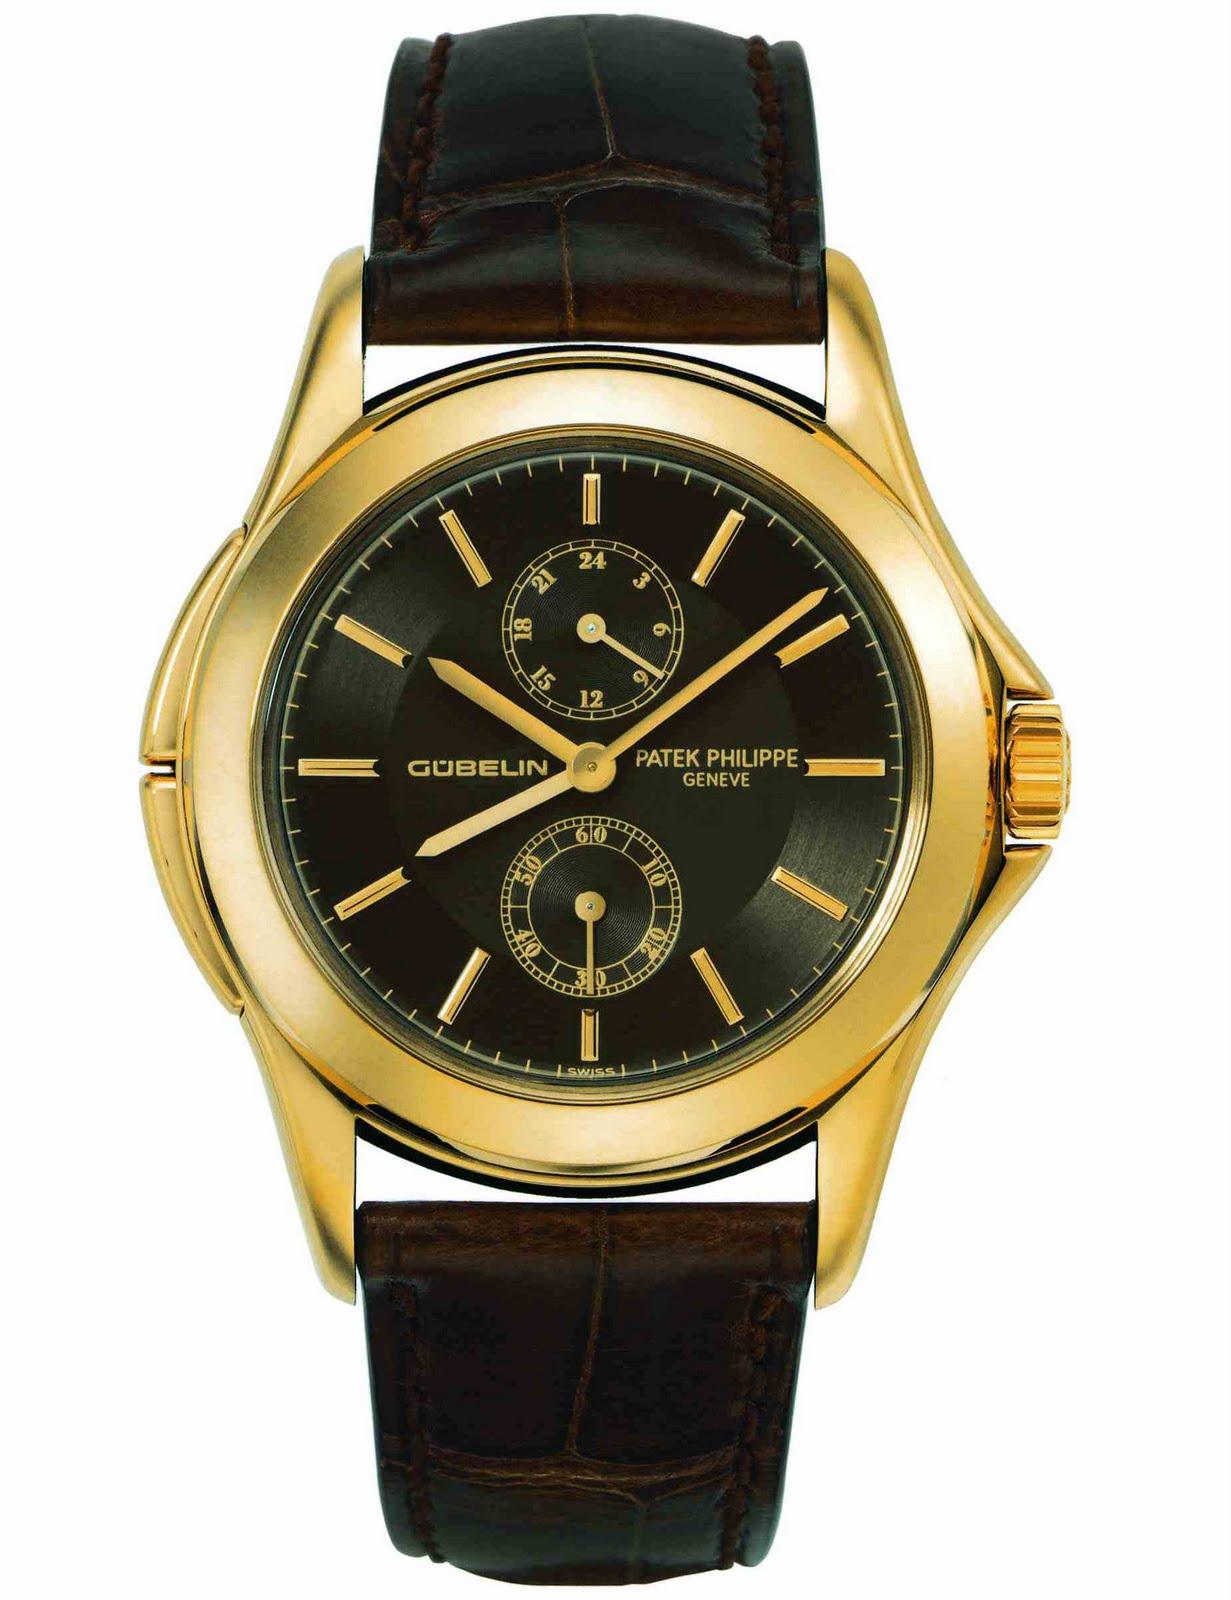 комментарий Санскритское часы patek philippe 2 отметить, что это